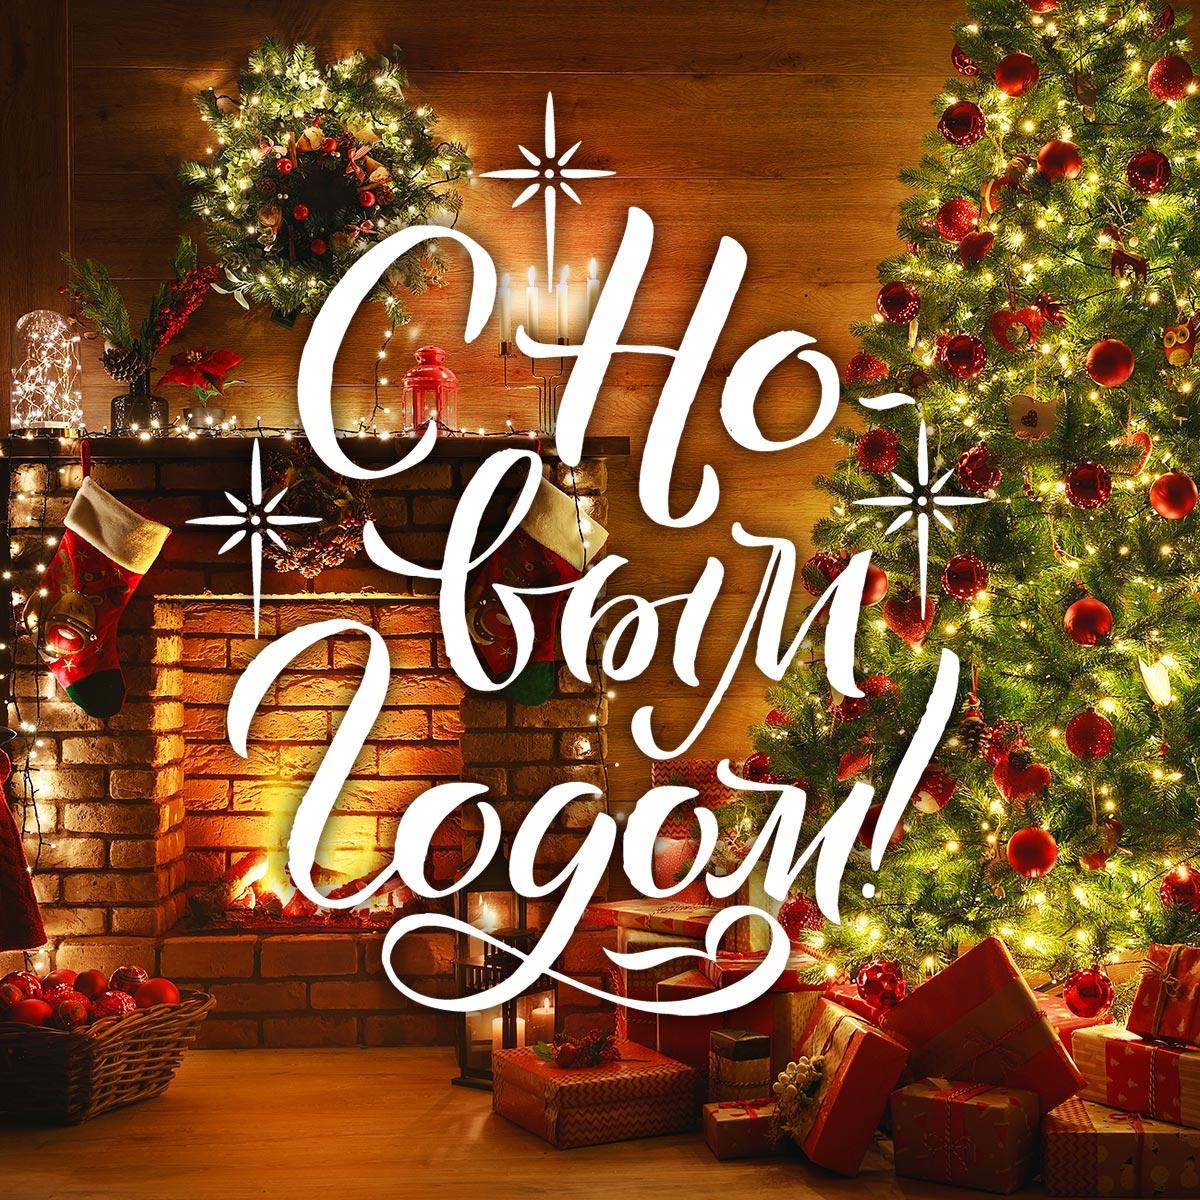 Фотография новый год красивые подарки под рождественской ёлкой, плетёная корзина с ёлочными украшениями на фоне горящего камина и надписи каллиграфическими буквами.